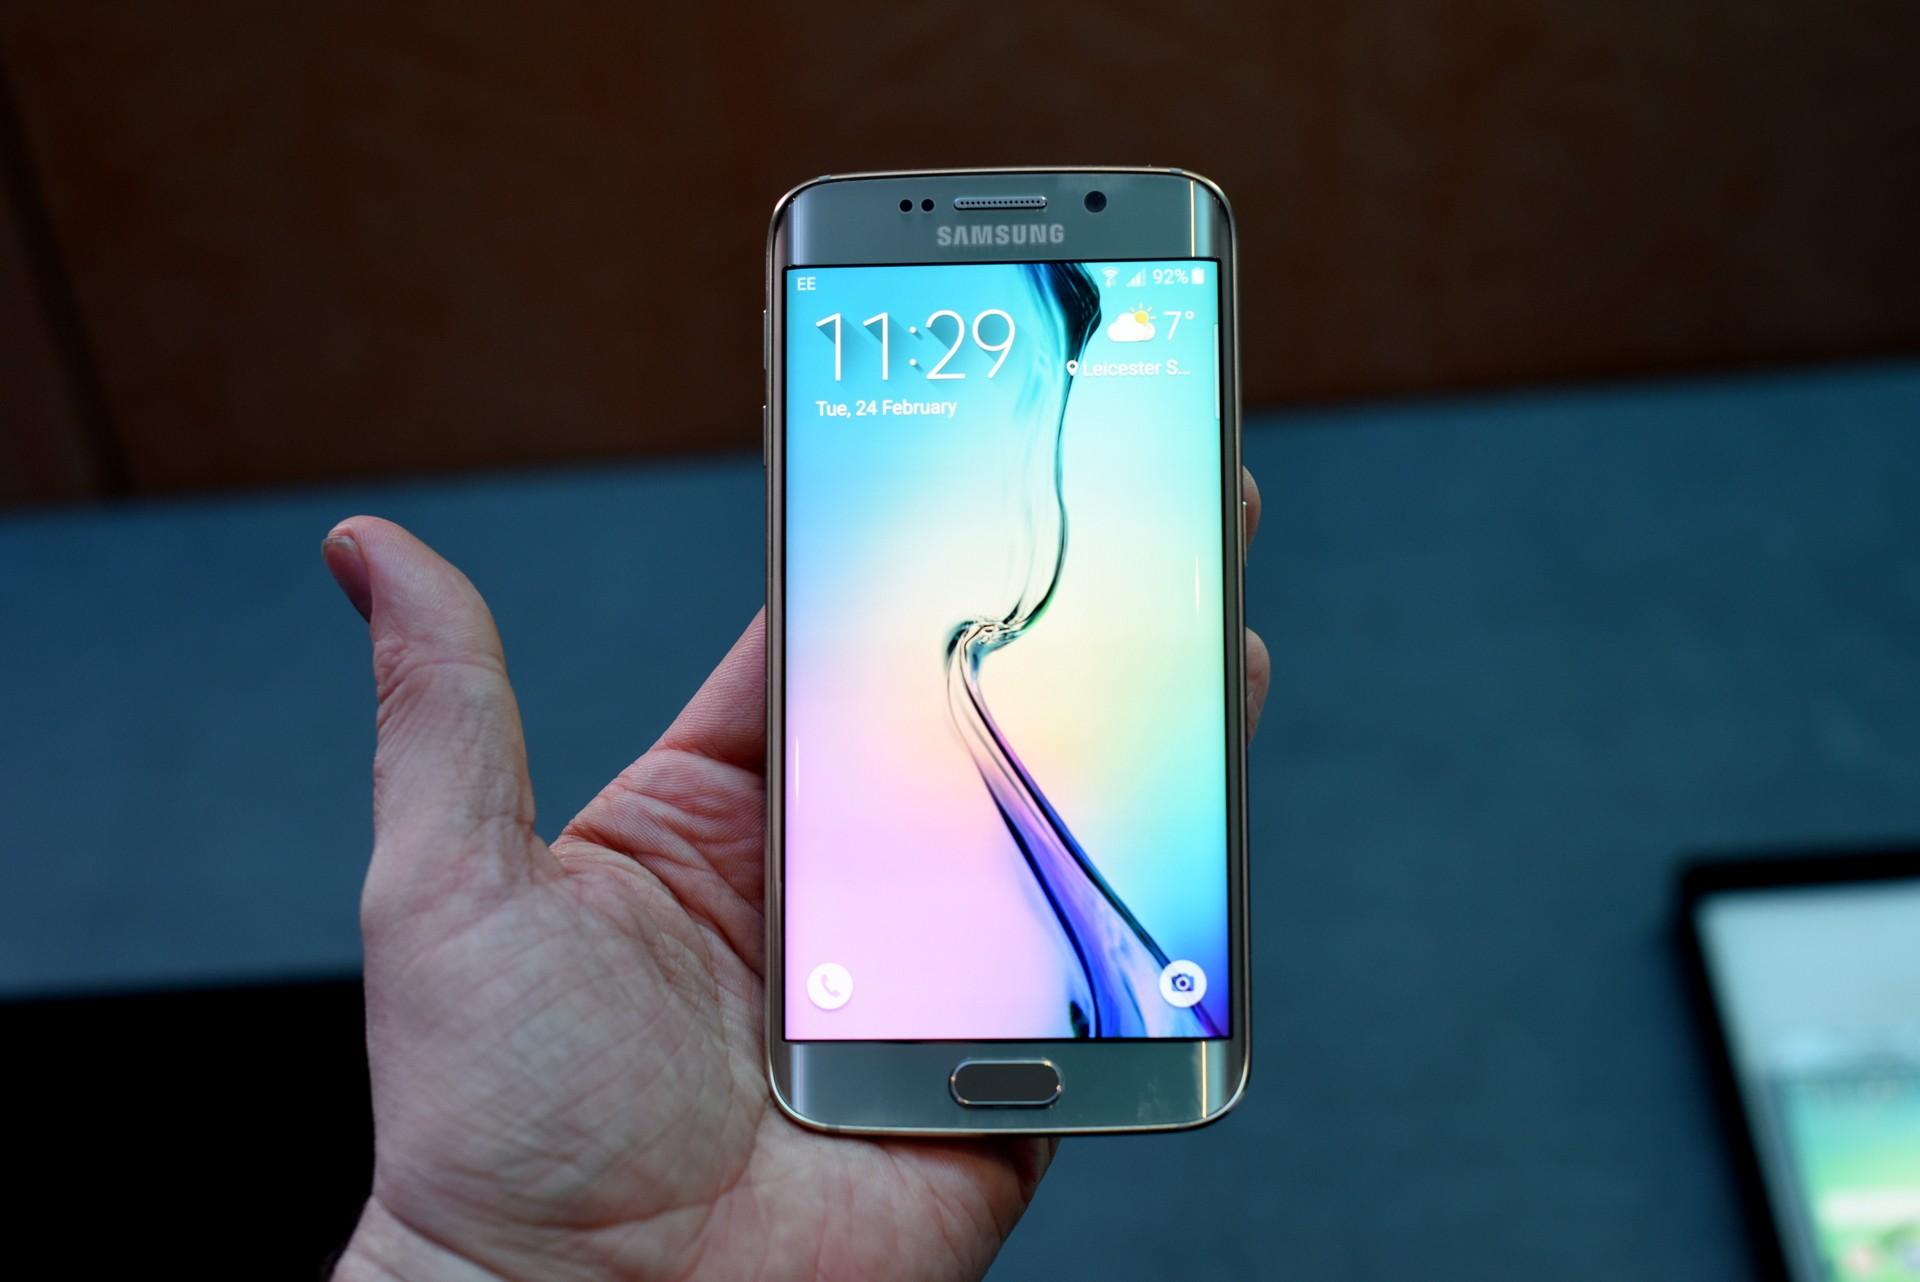 pin galaxy s6 - Phí thay pin Galaxy S6 và S6 Edge sẽ ở mức 45 USD